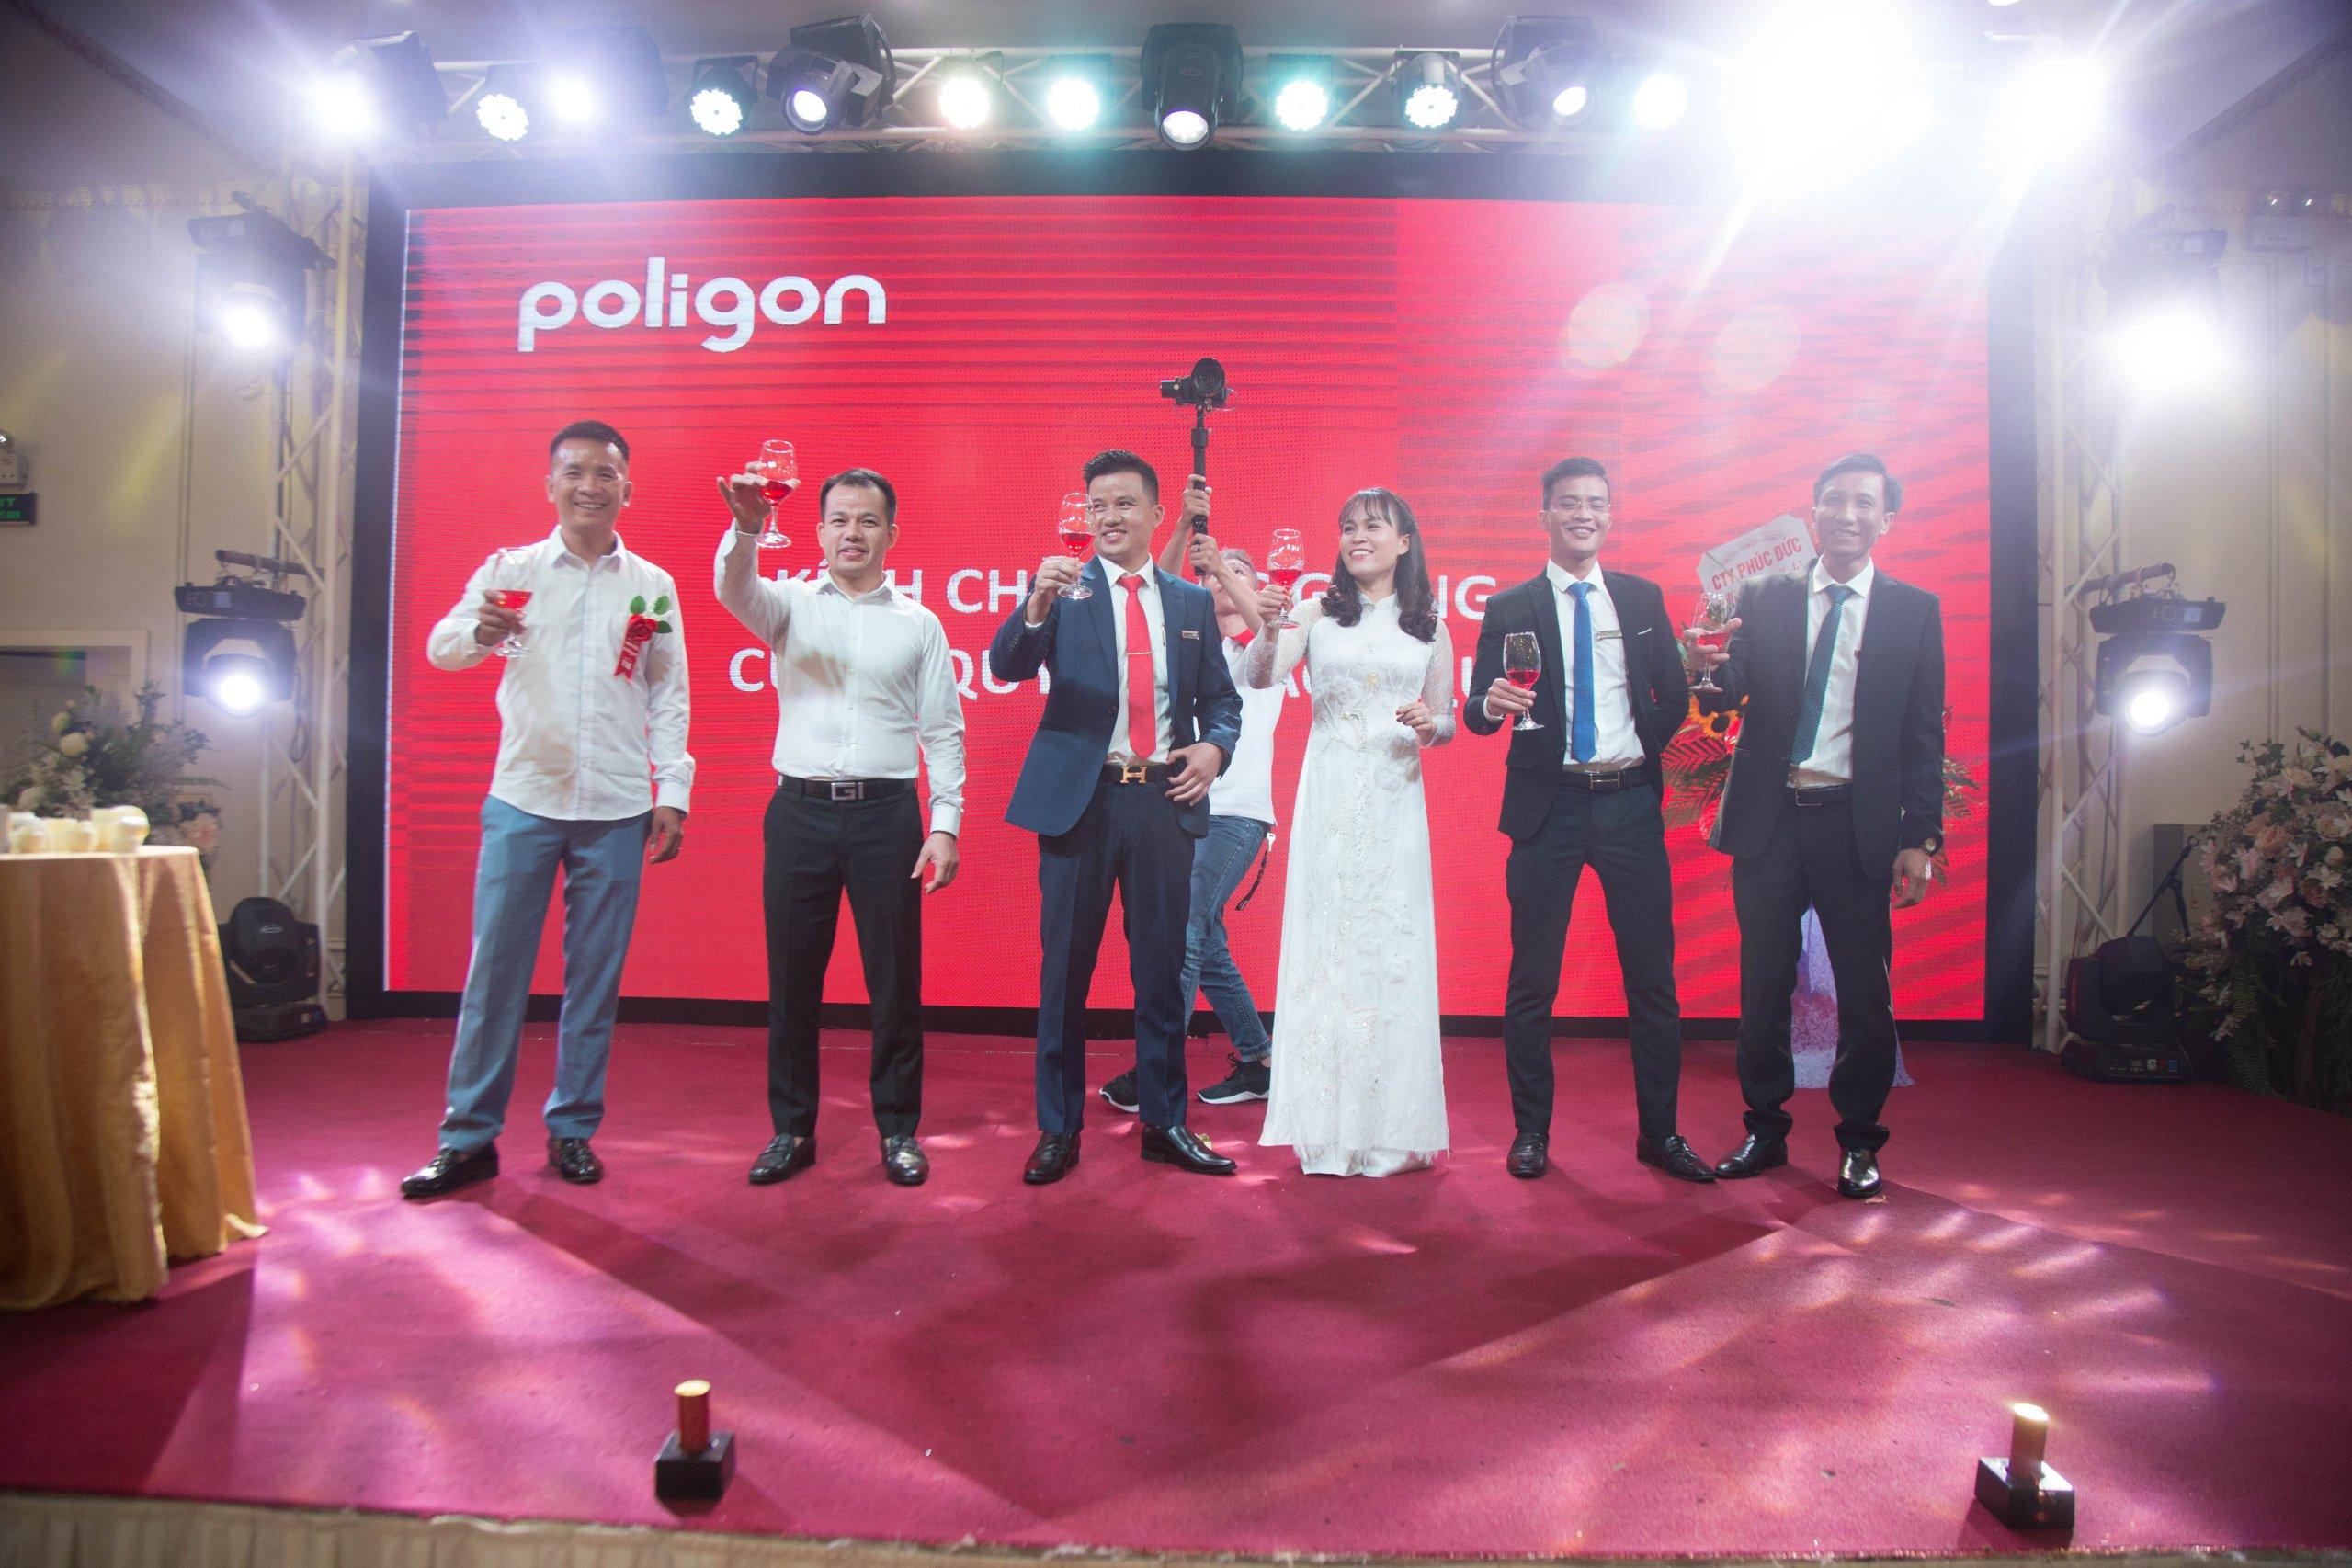 Poligon – Tổ chức hội nghị khách hàng tại Bắc Giang